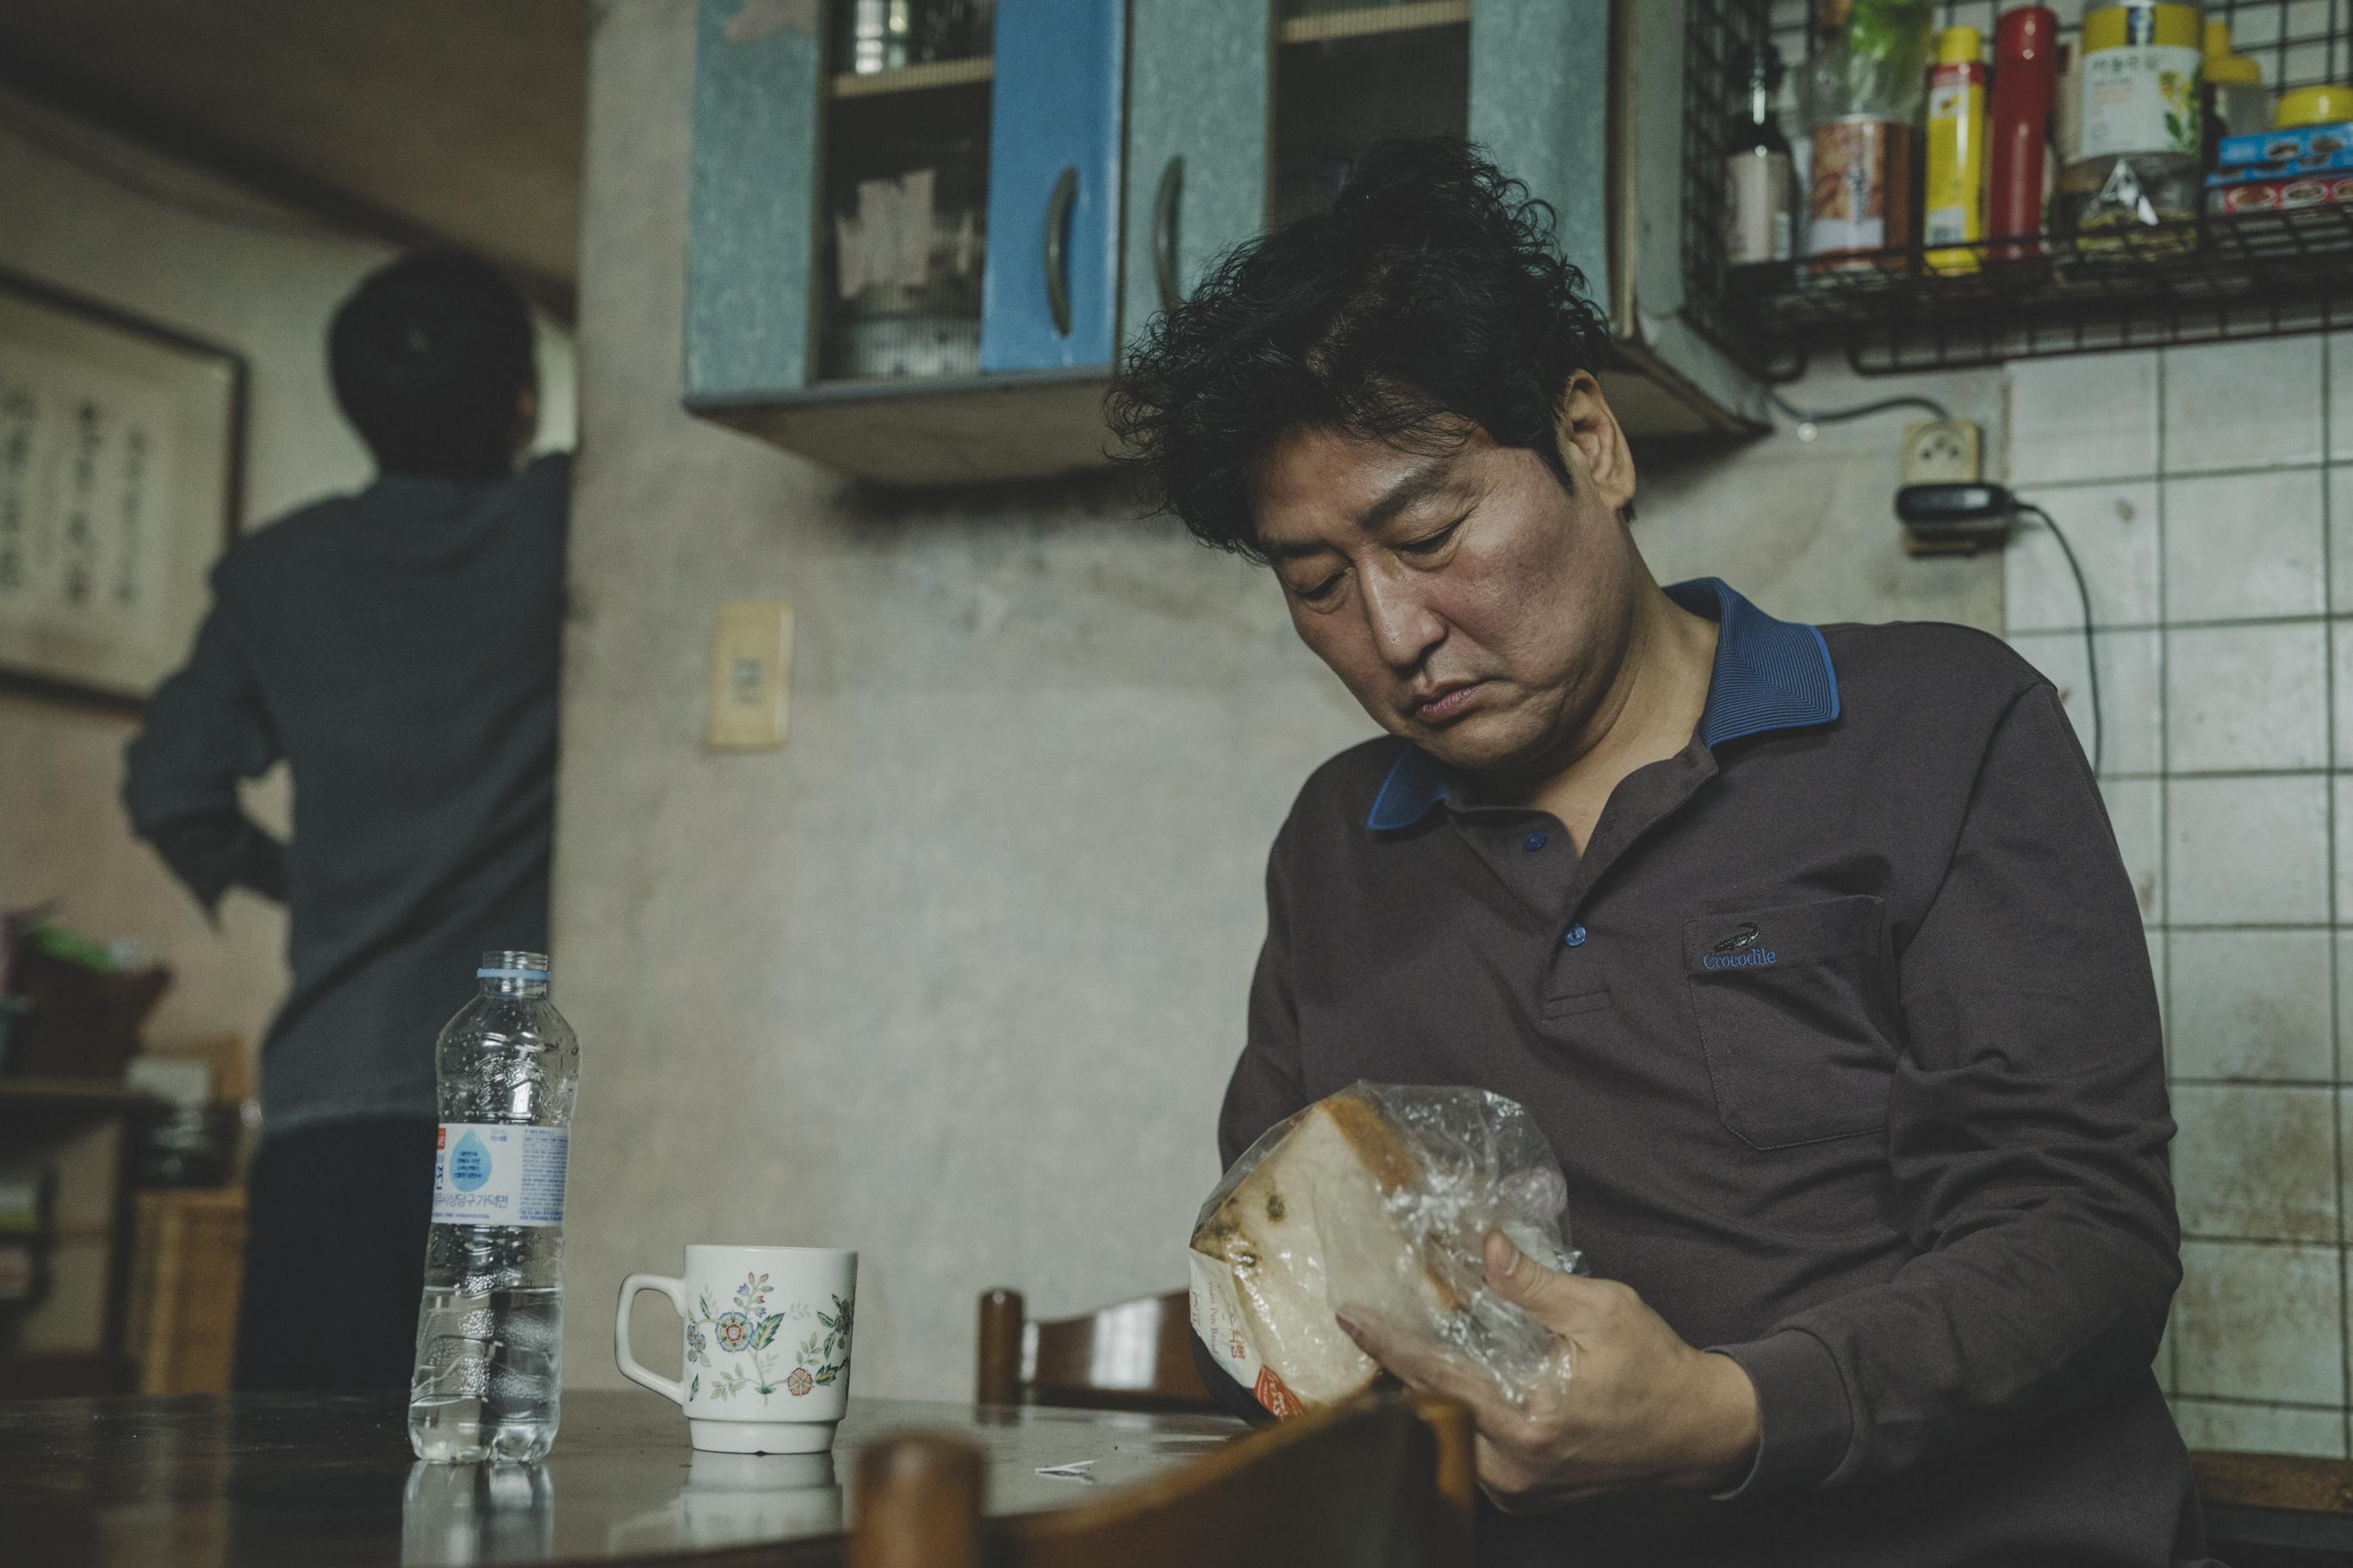 《寄生上流》名導、群星好評大推「今年最厲害必看電影!」  導演奉俊昊片中藏台灣味背後有巧思